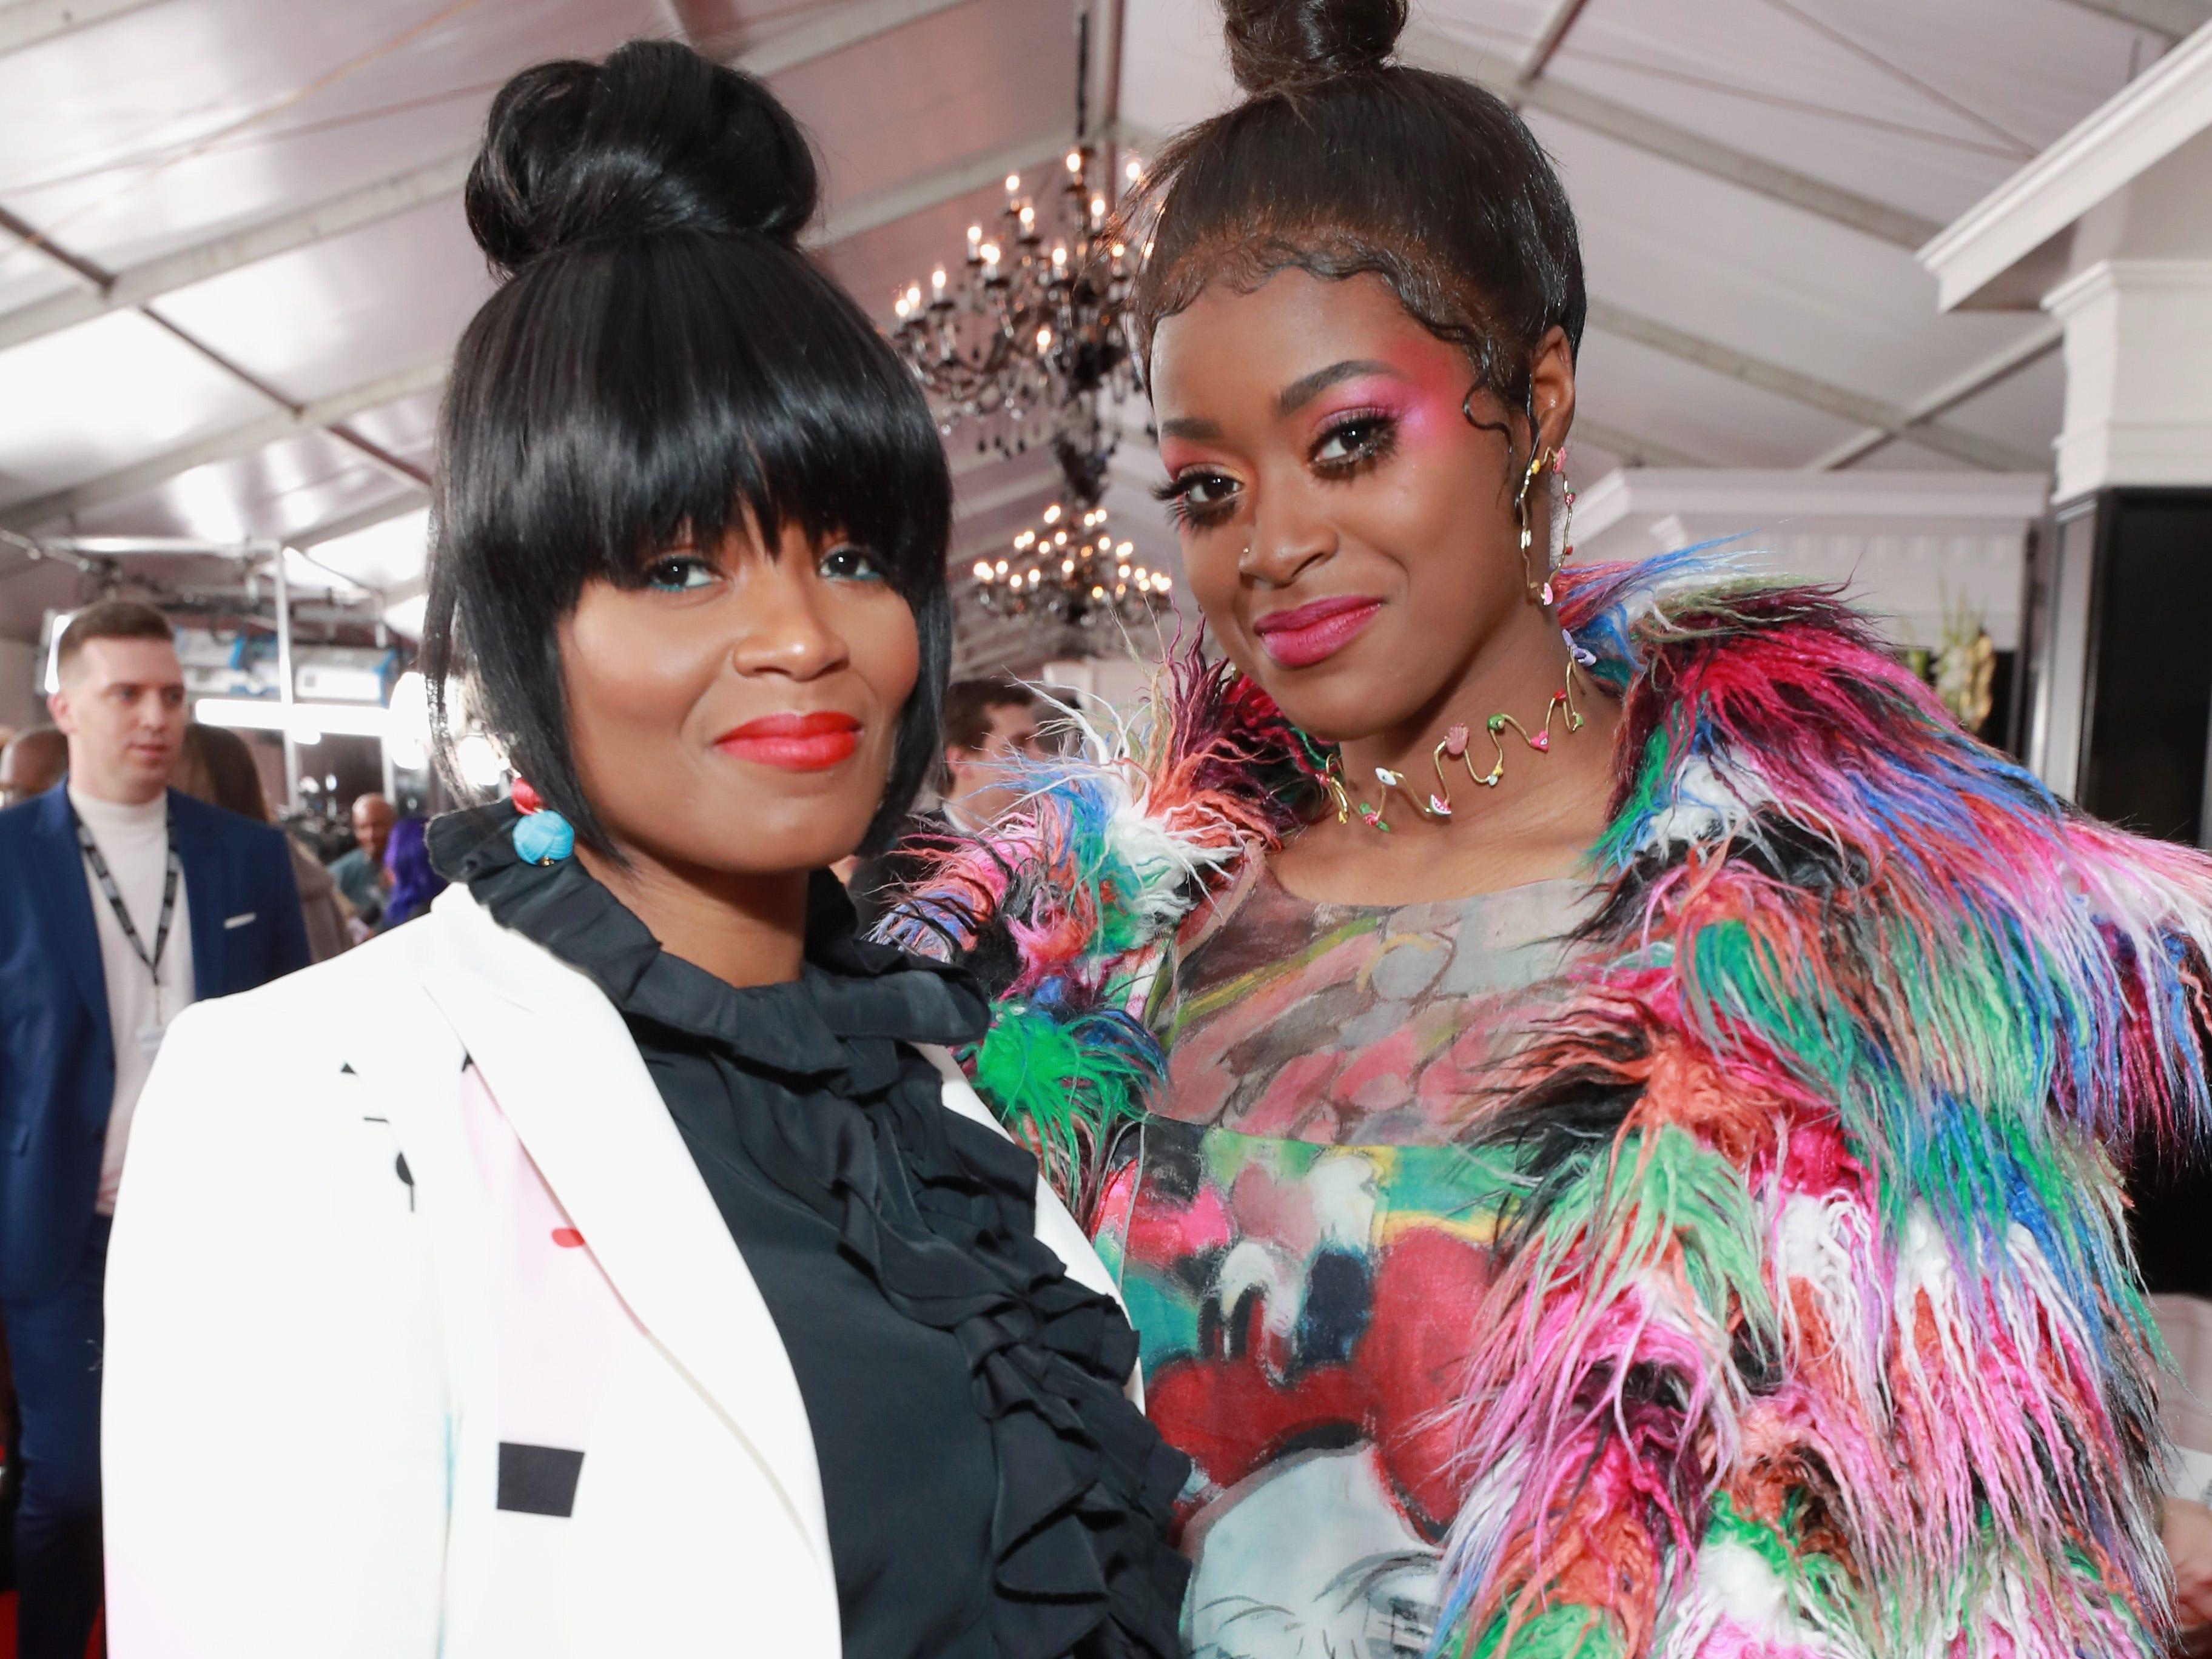 Tierra Whack y una invitada asisten a la 61ª edición de los premios GRAMMY en el Staples Center el 10 de febrero de 2019 en Los Ángeles, California.